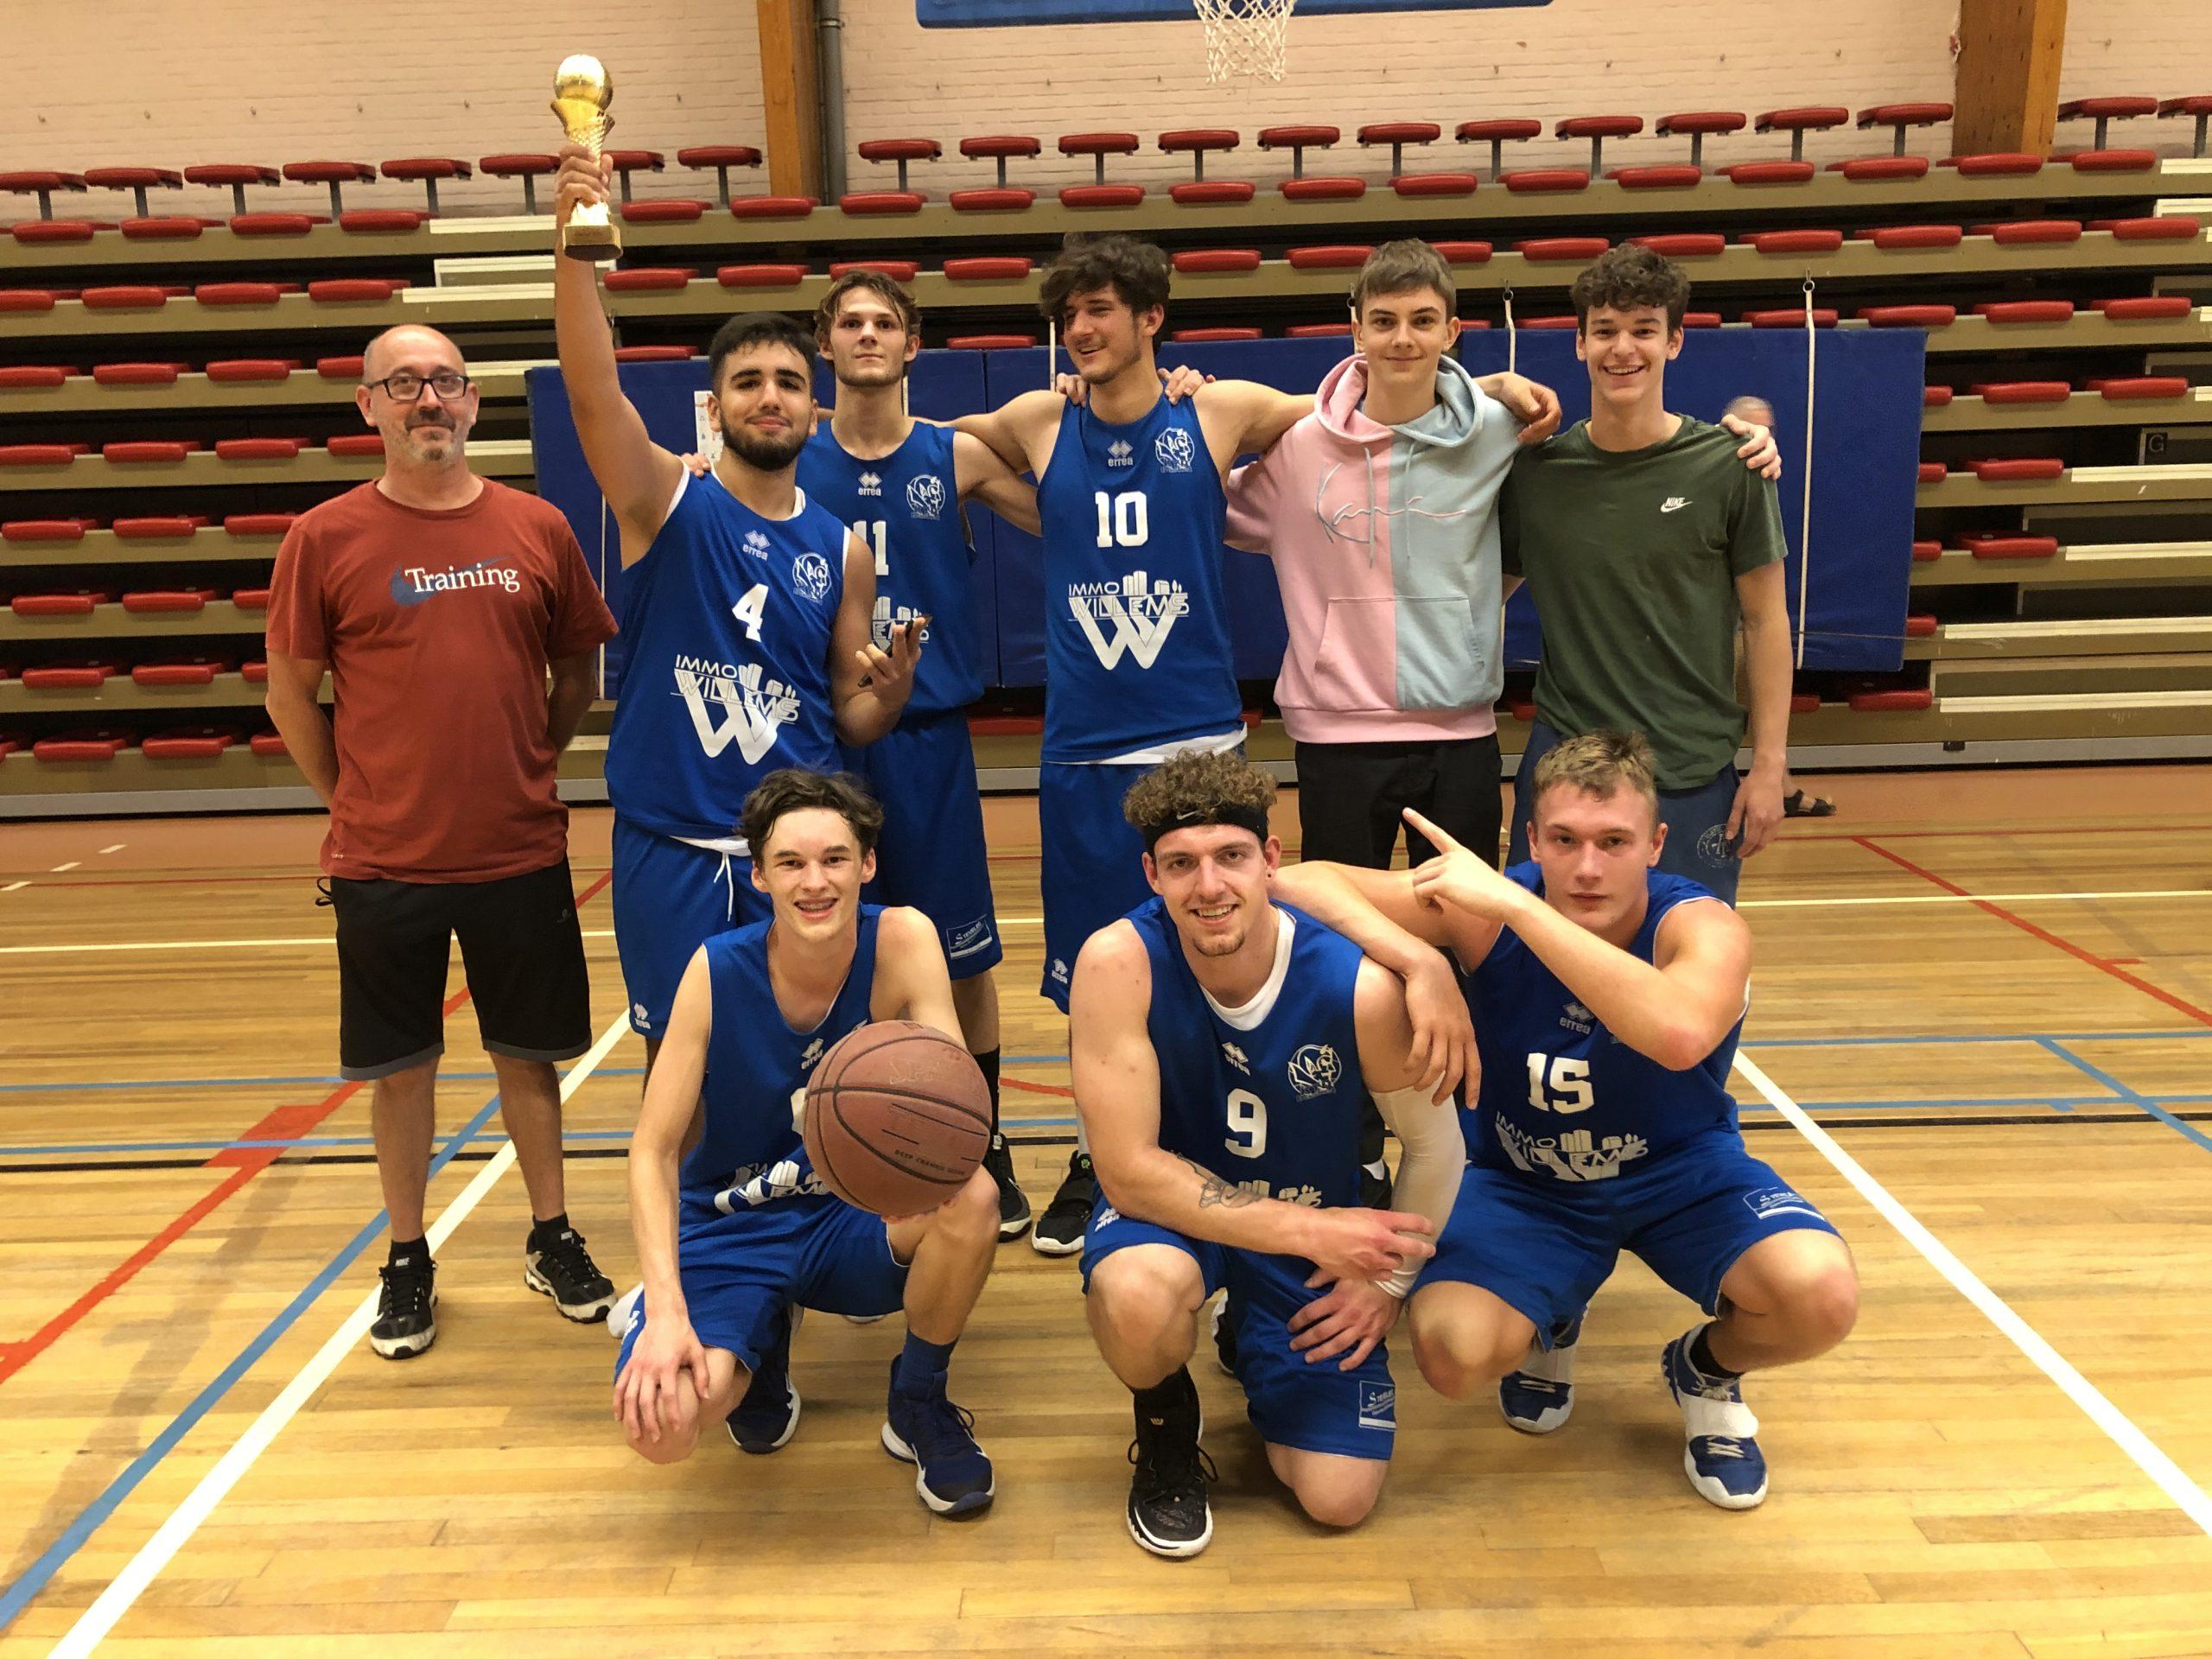 U21 Kortenberg Young Devils winnen 'Remember Stewart' basketbaltornooi